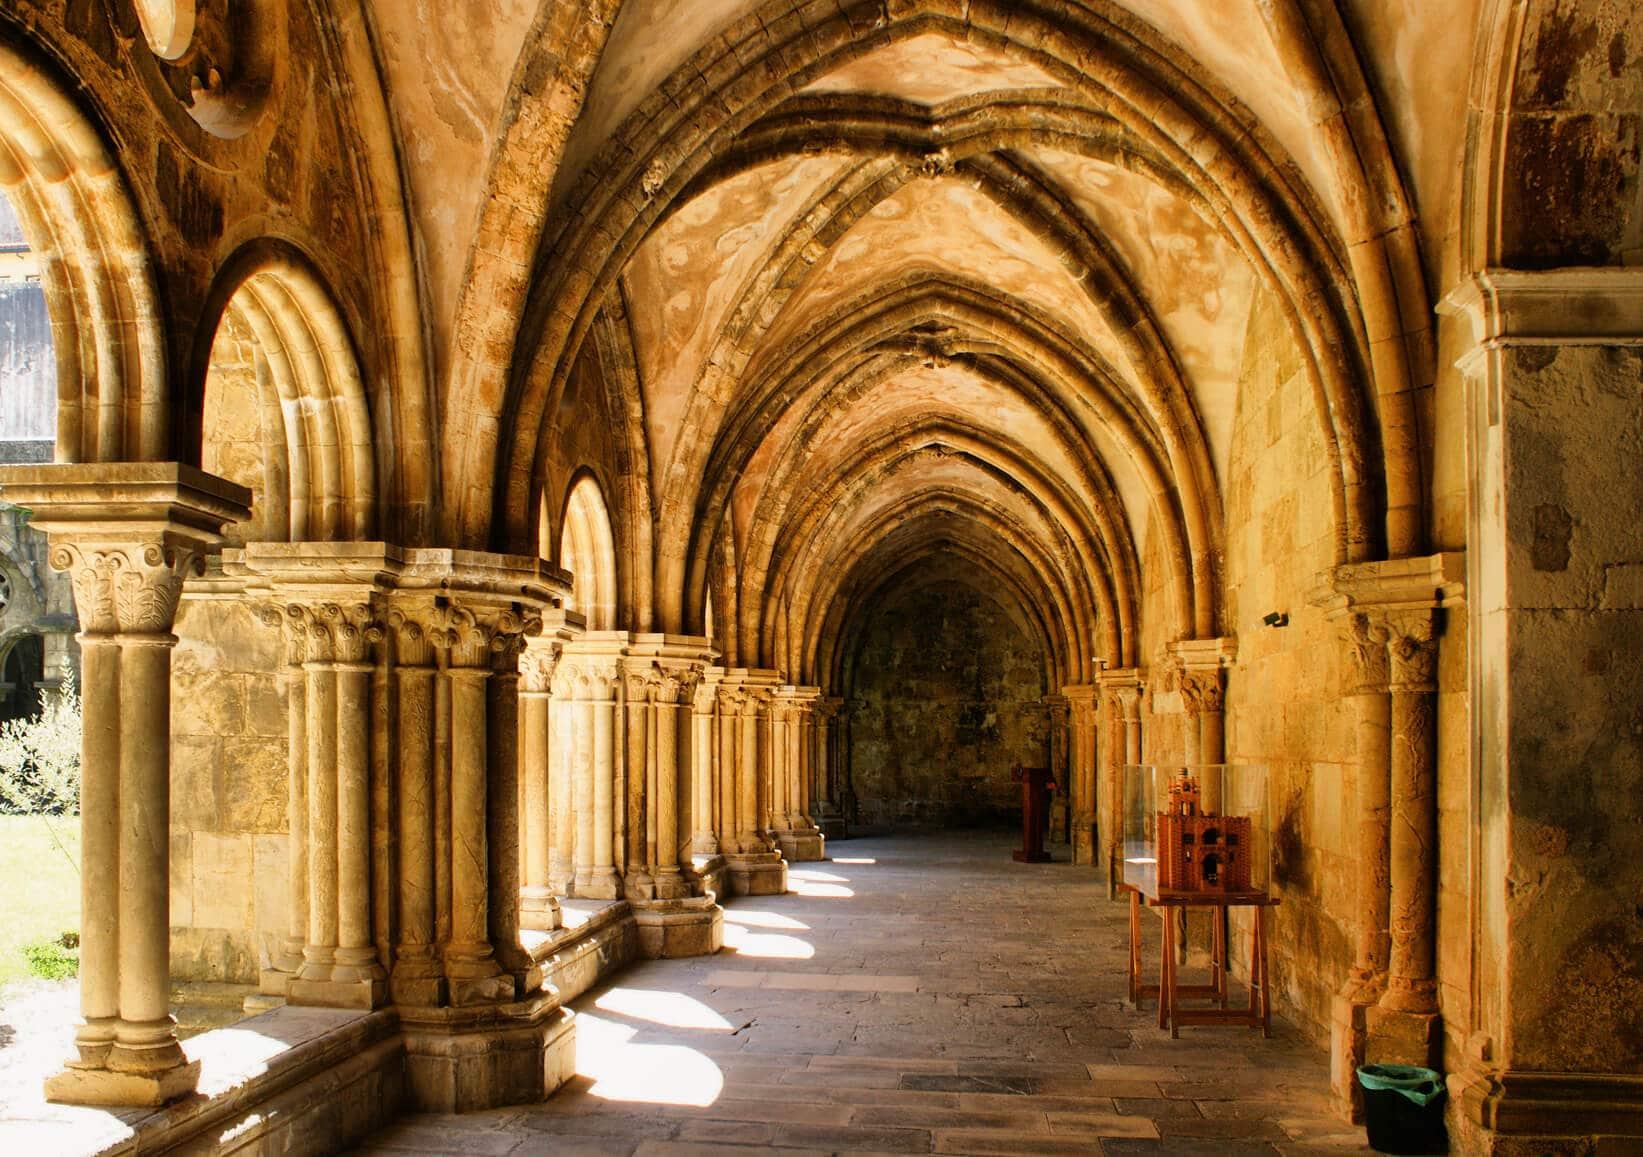 Visitas Guiadas Coimbra: Claustros em Coimbra